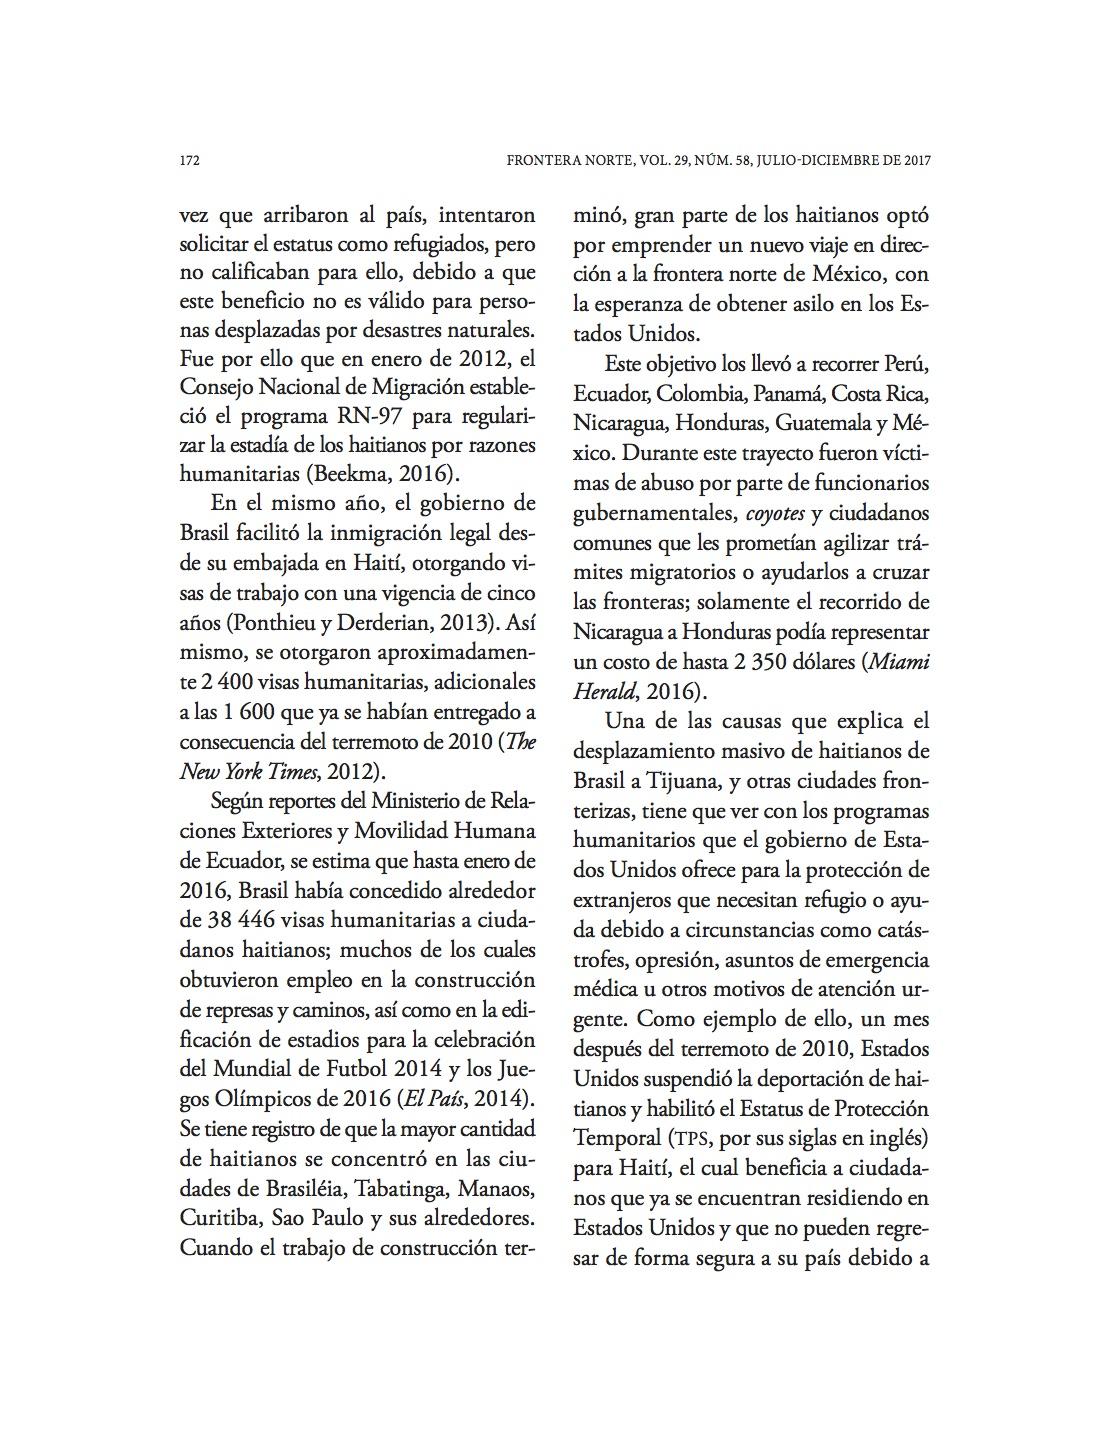 Haitianos en Tijuana - Alarcon y Ortiz FN 2017 (2)